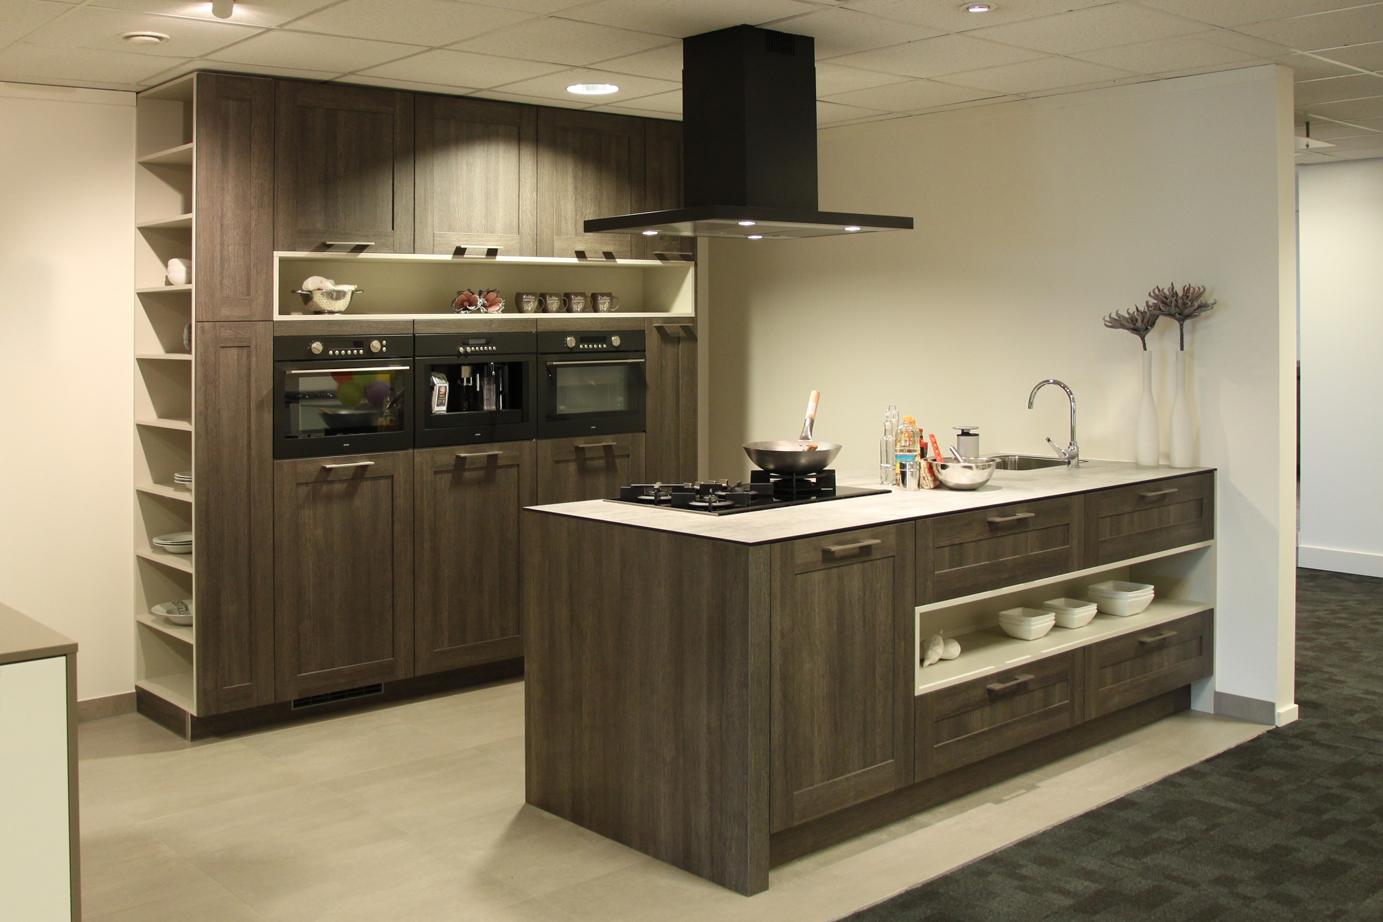 Afmetingen Keuken Kookeiland : Keuken met kookeiland. Exclusieve Old Wood keuken. – DB Keukens